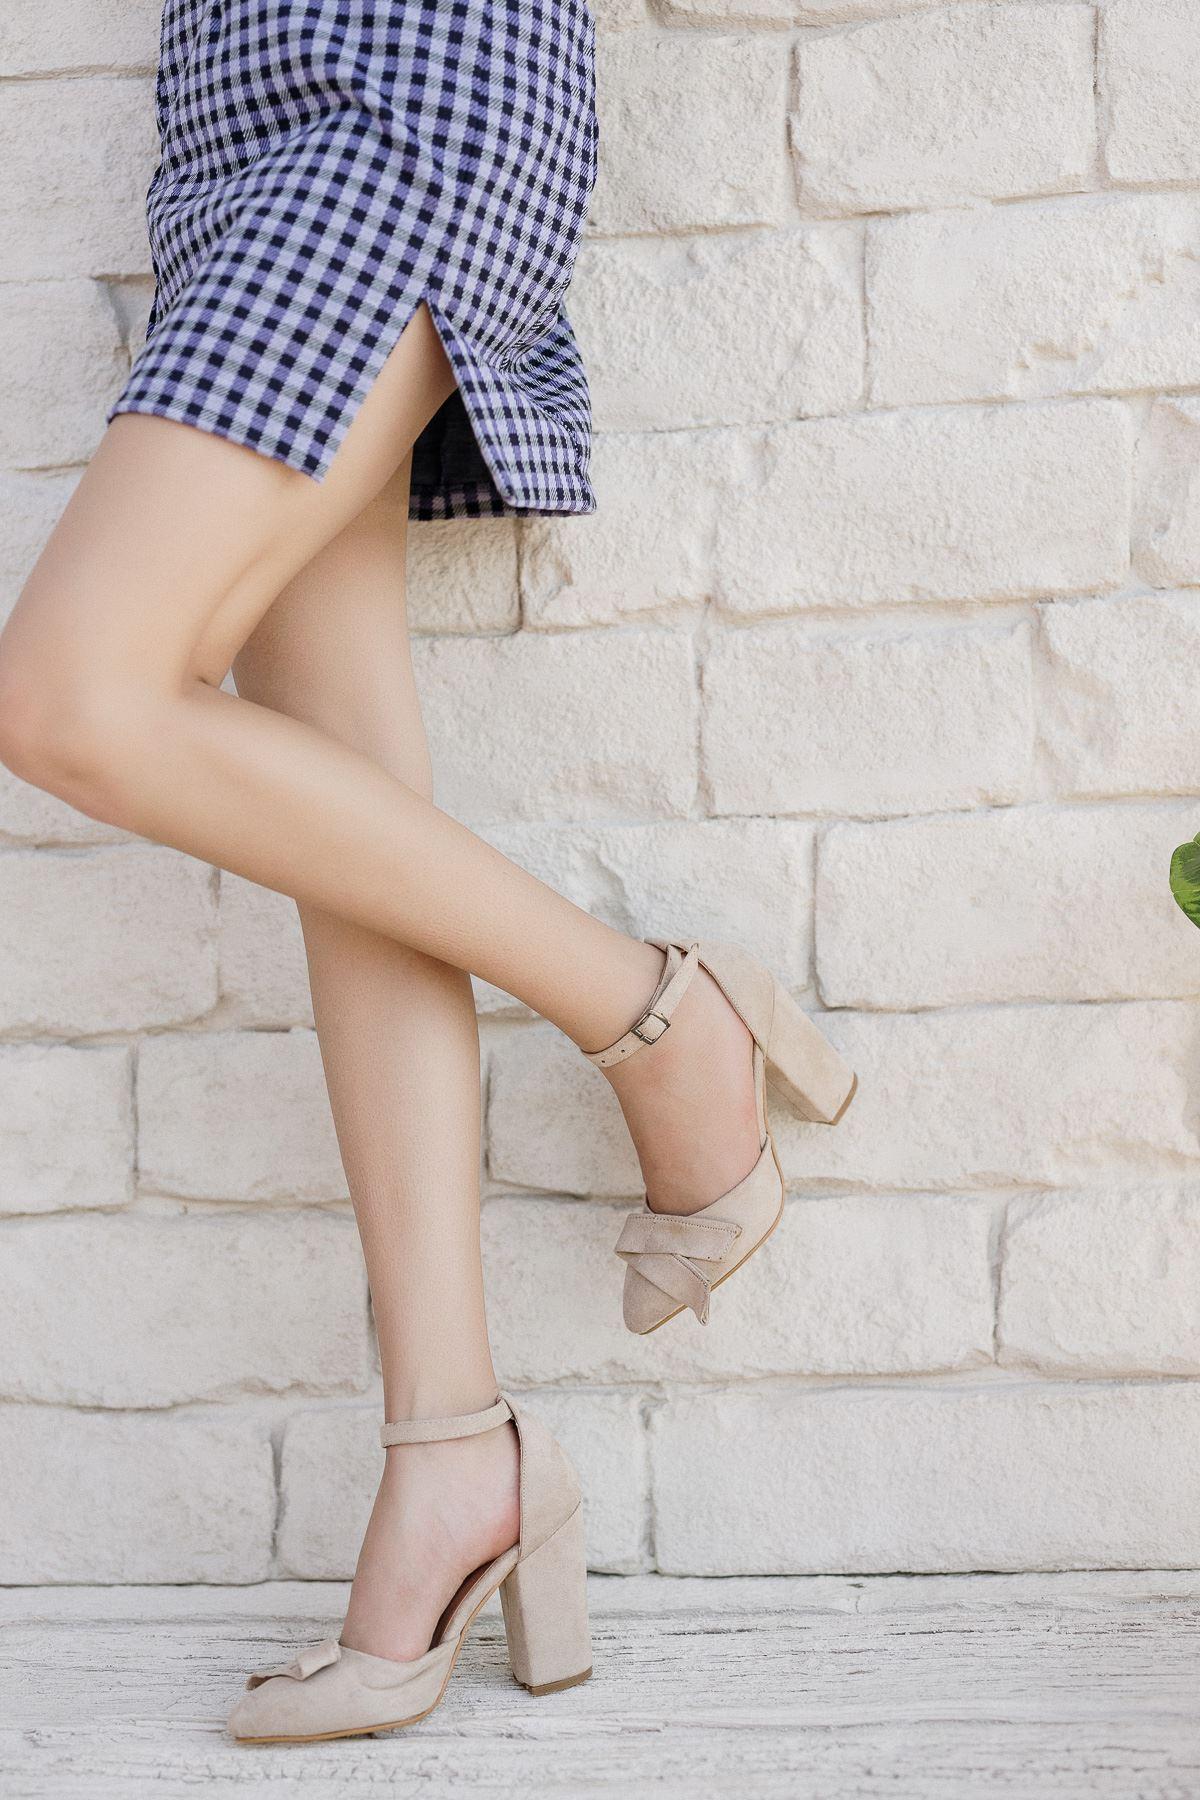 Kadın Cines Kalın Topuklu Yüksek Topuklu Vizon Süet Ayakkabı Sivri Burun